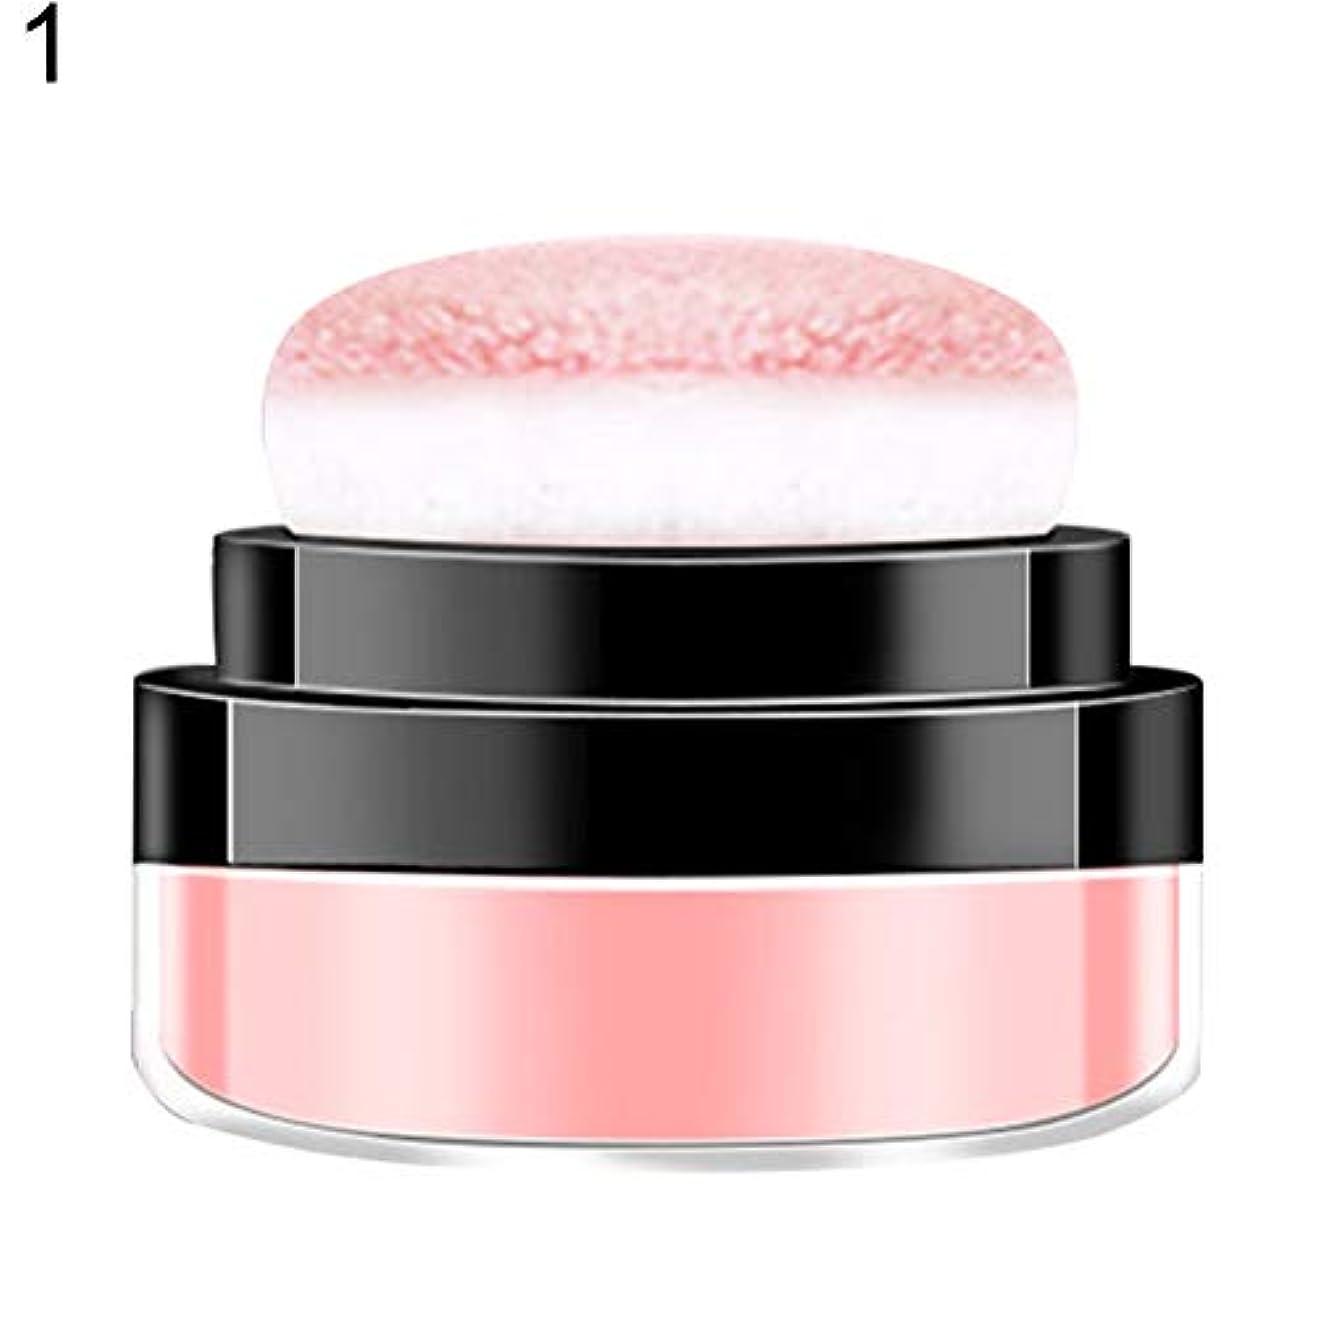 適合シガレットアラブサラボダイドーラ8.8gマッシュルームエアクッションブラッシャーフェイシャルナチュラルブライトニング化粧品 - 1